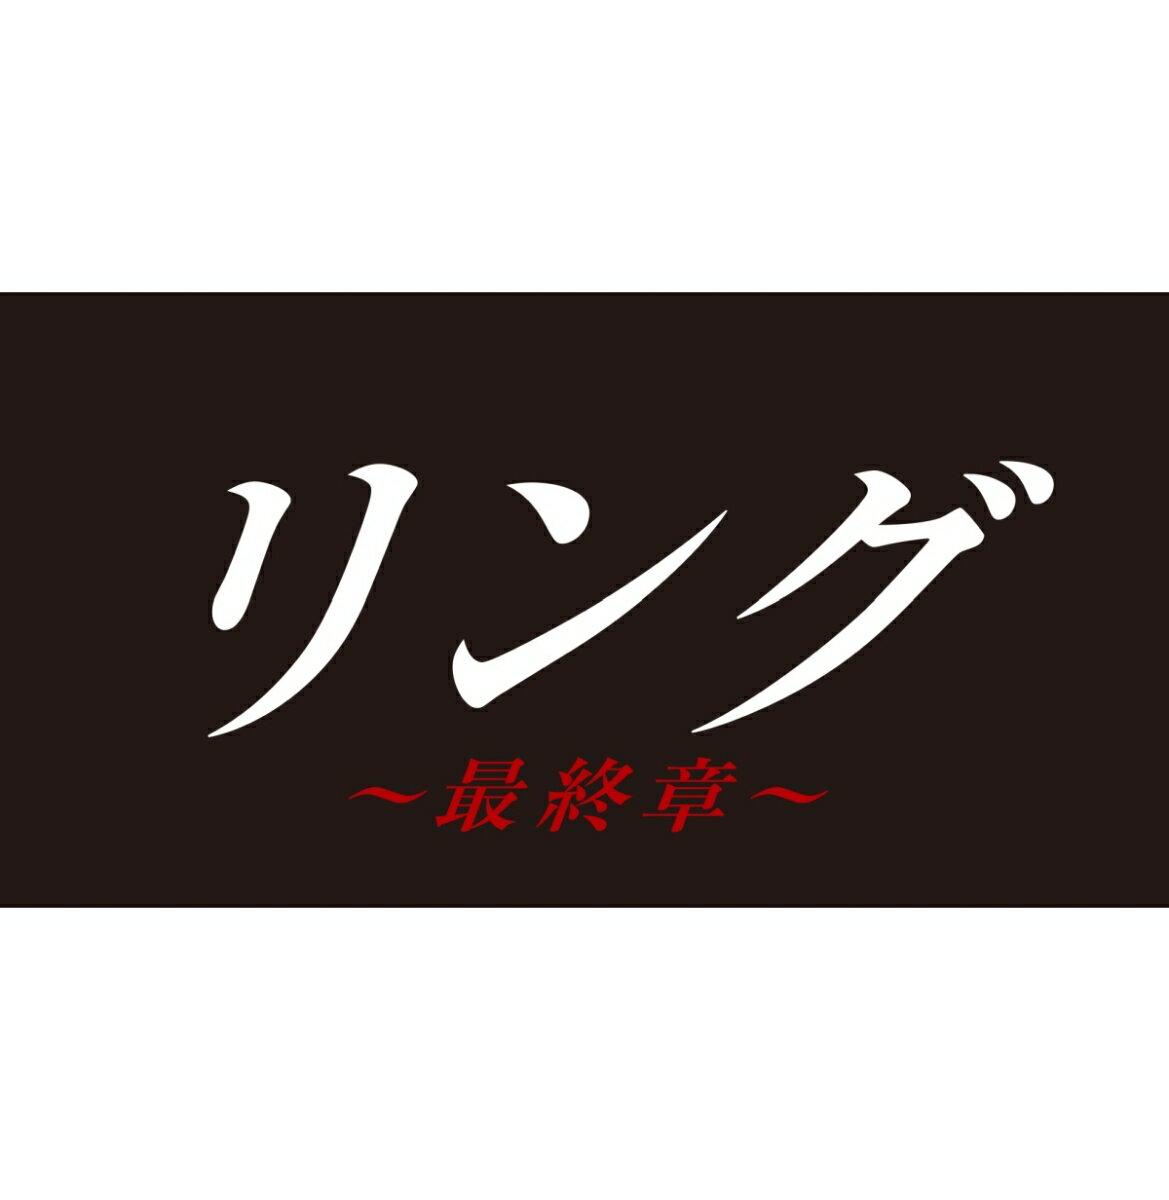 リング〜最終章〜 DVD BOX